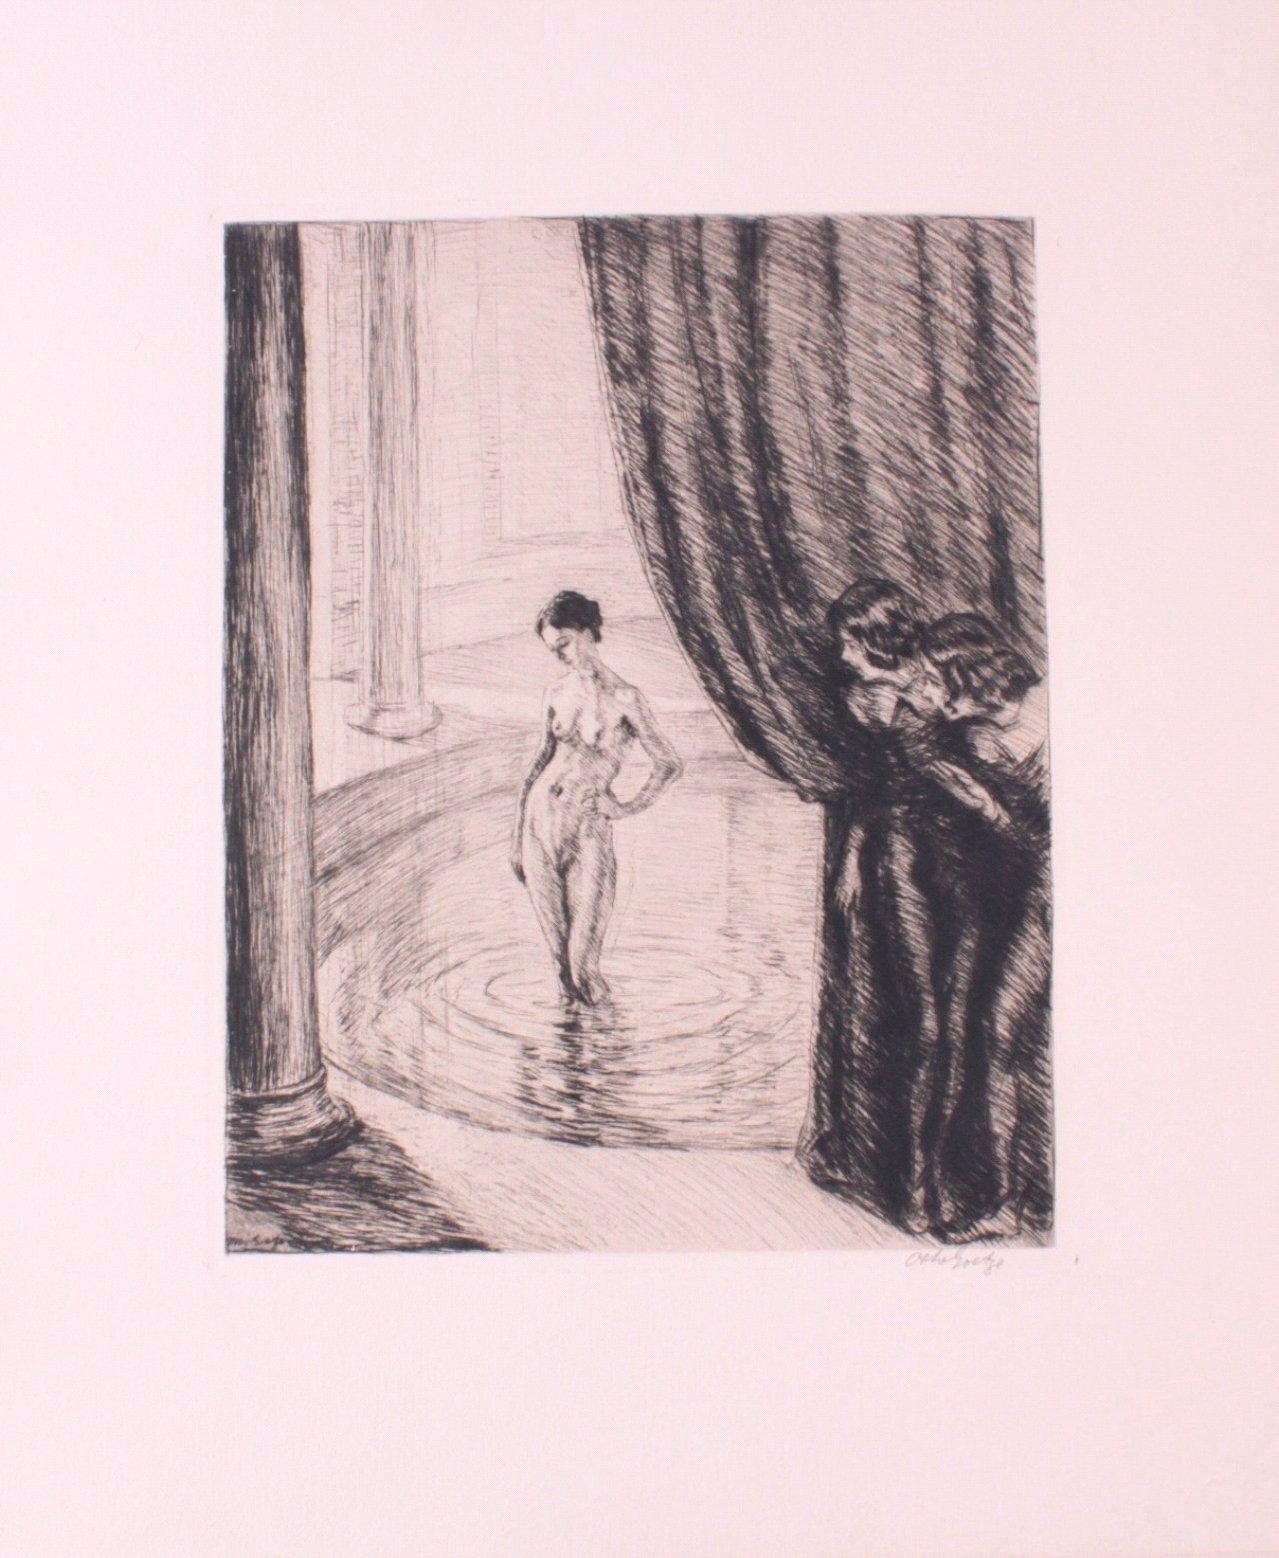 Otto Goetze (1868-1931), Badende-1